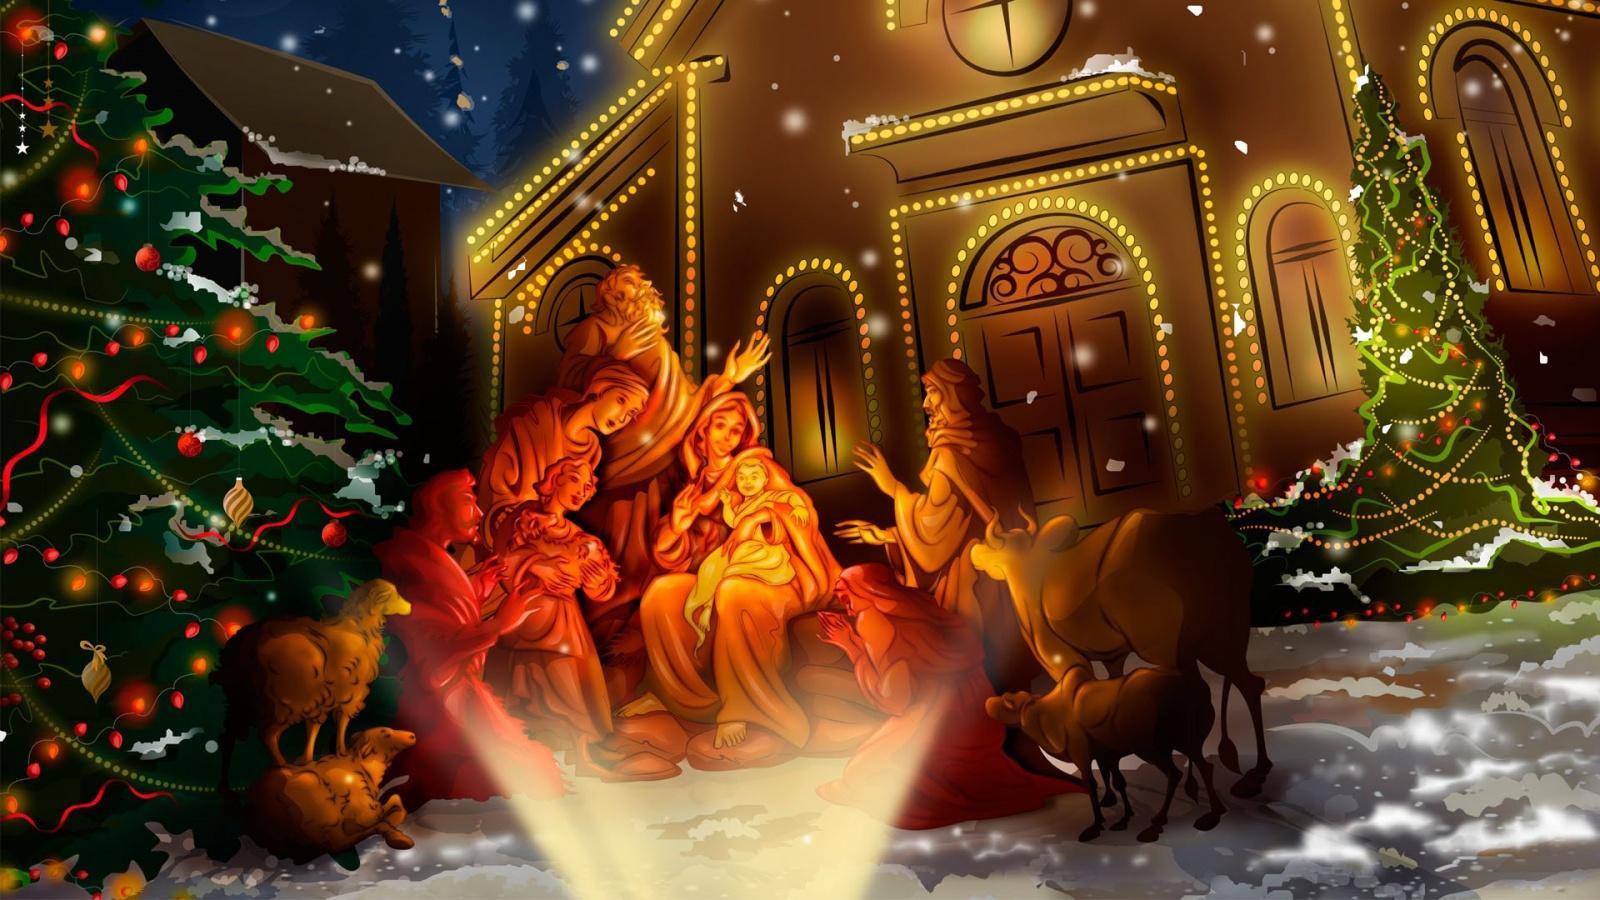 расписание на католическое рождество